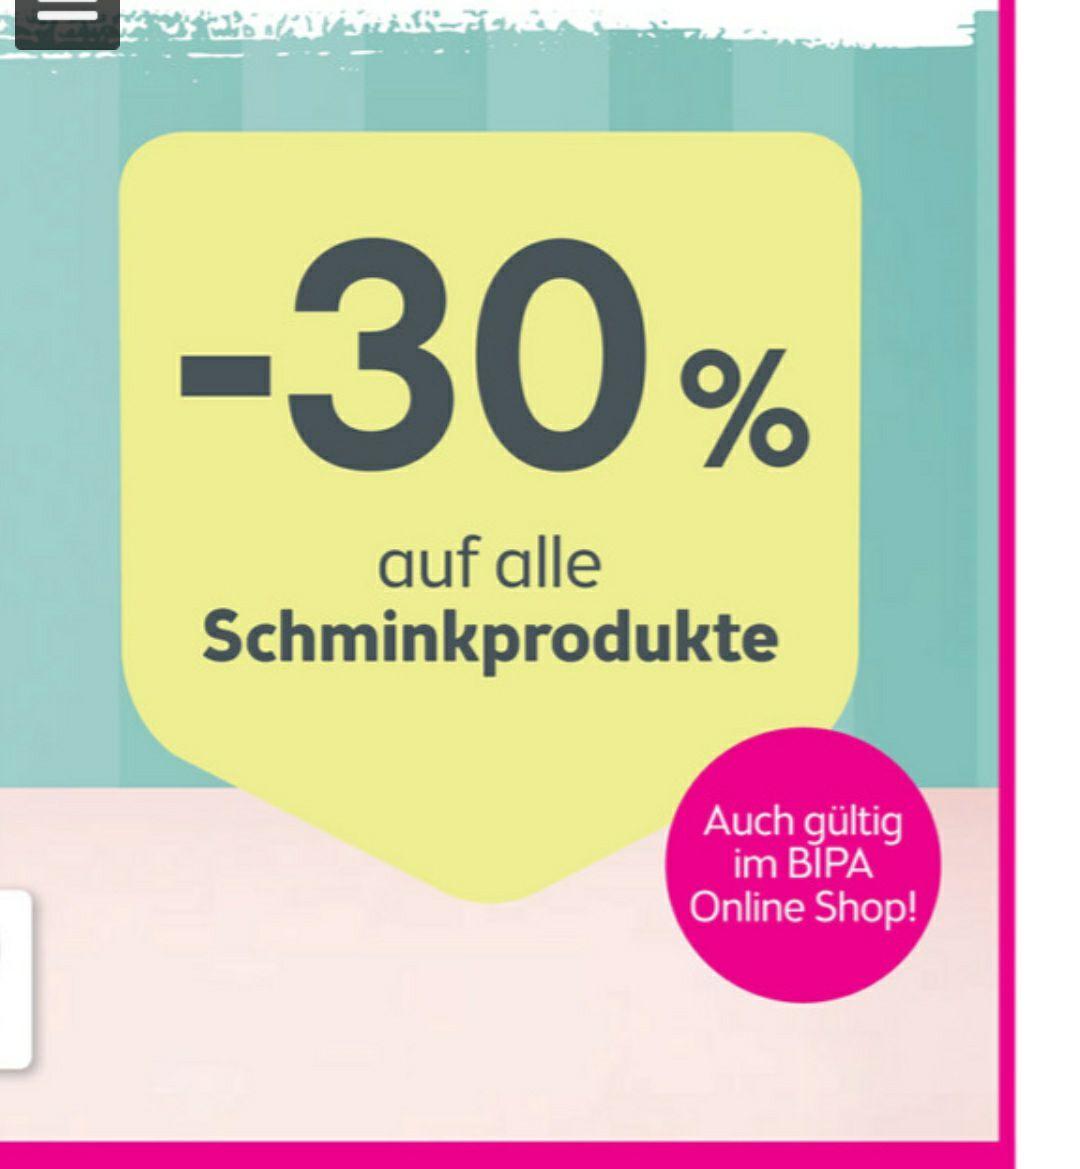 -30% auf alle Schminkprodukte beim Bipa